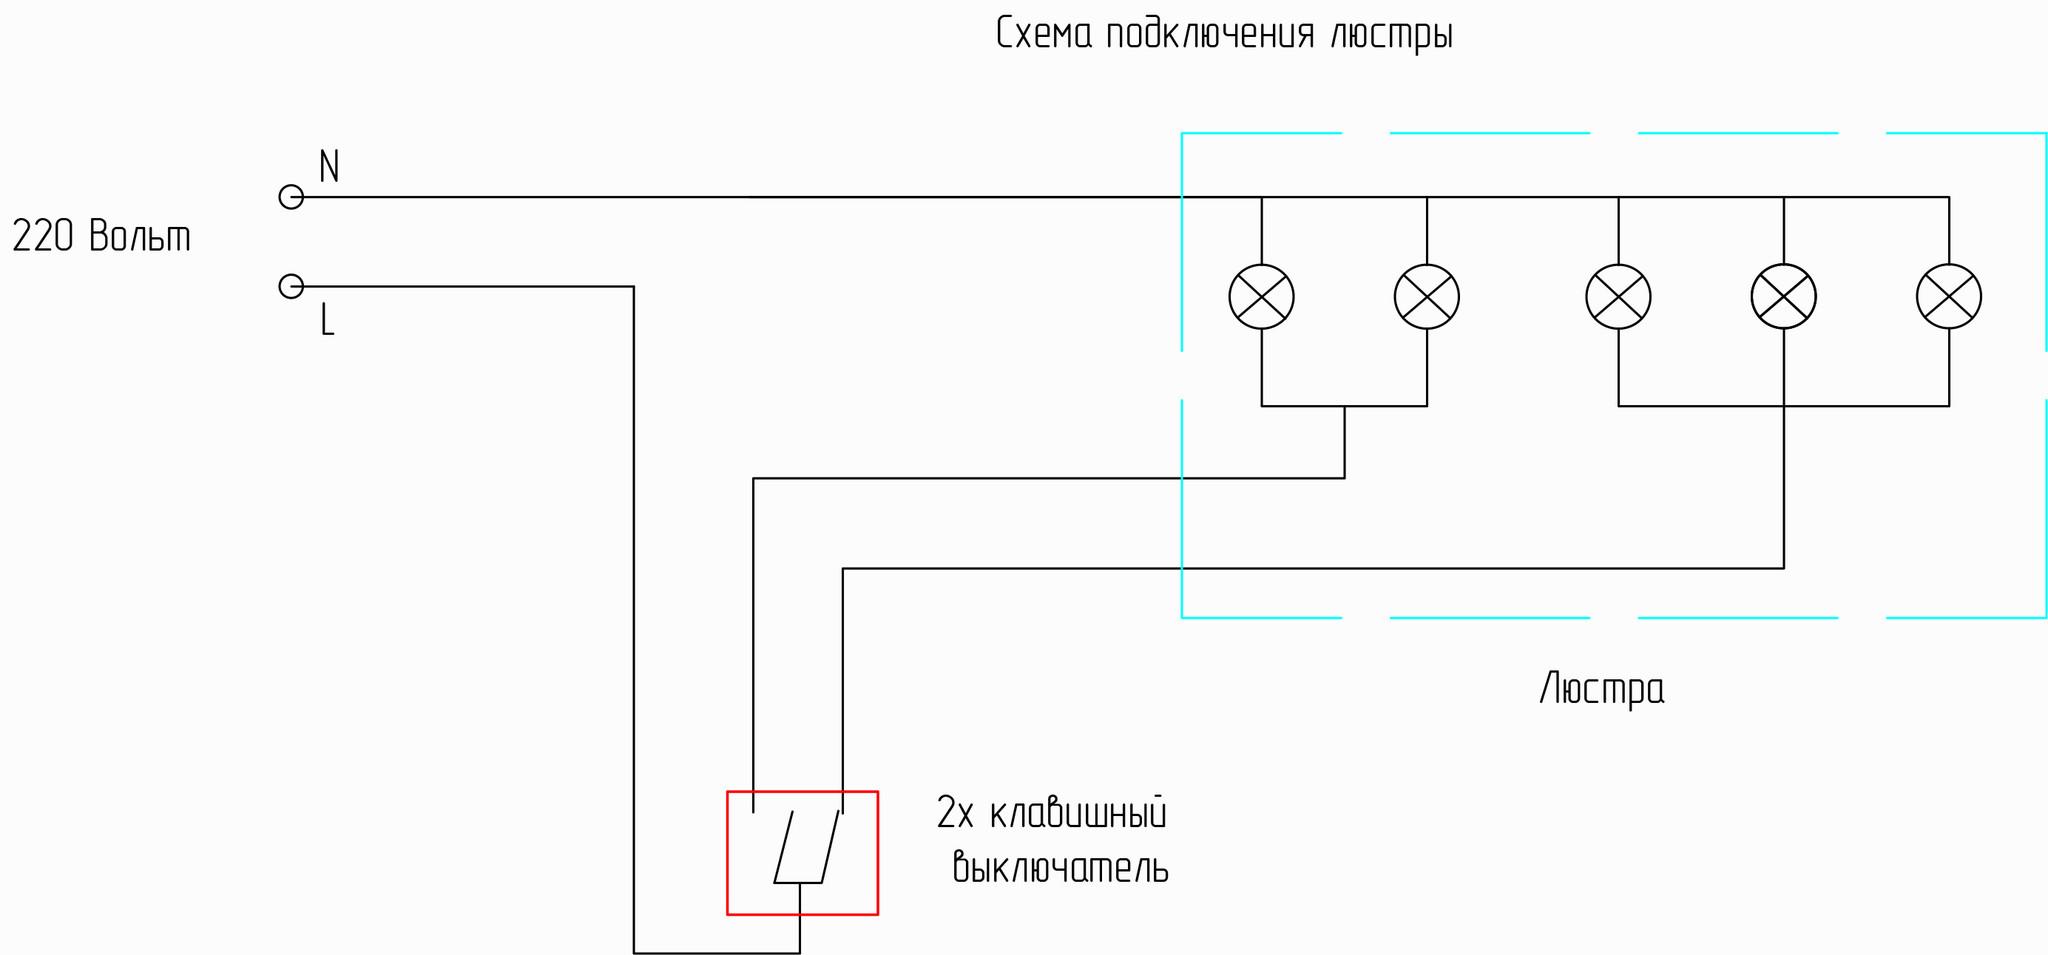 Схемы подключеня люстры